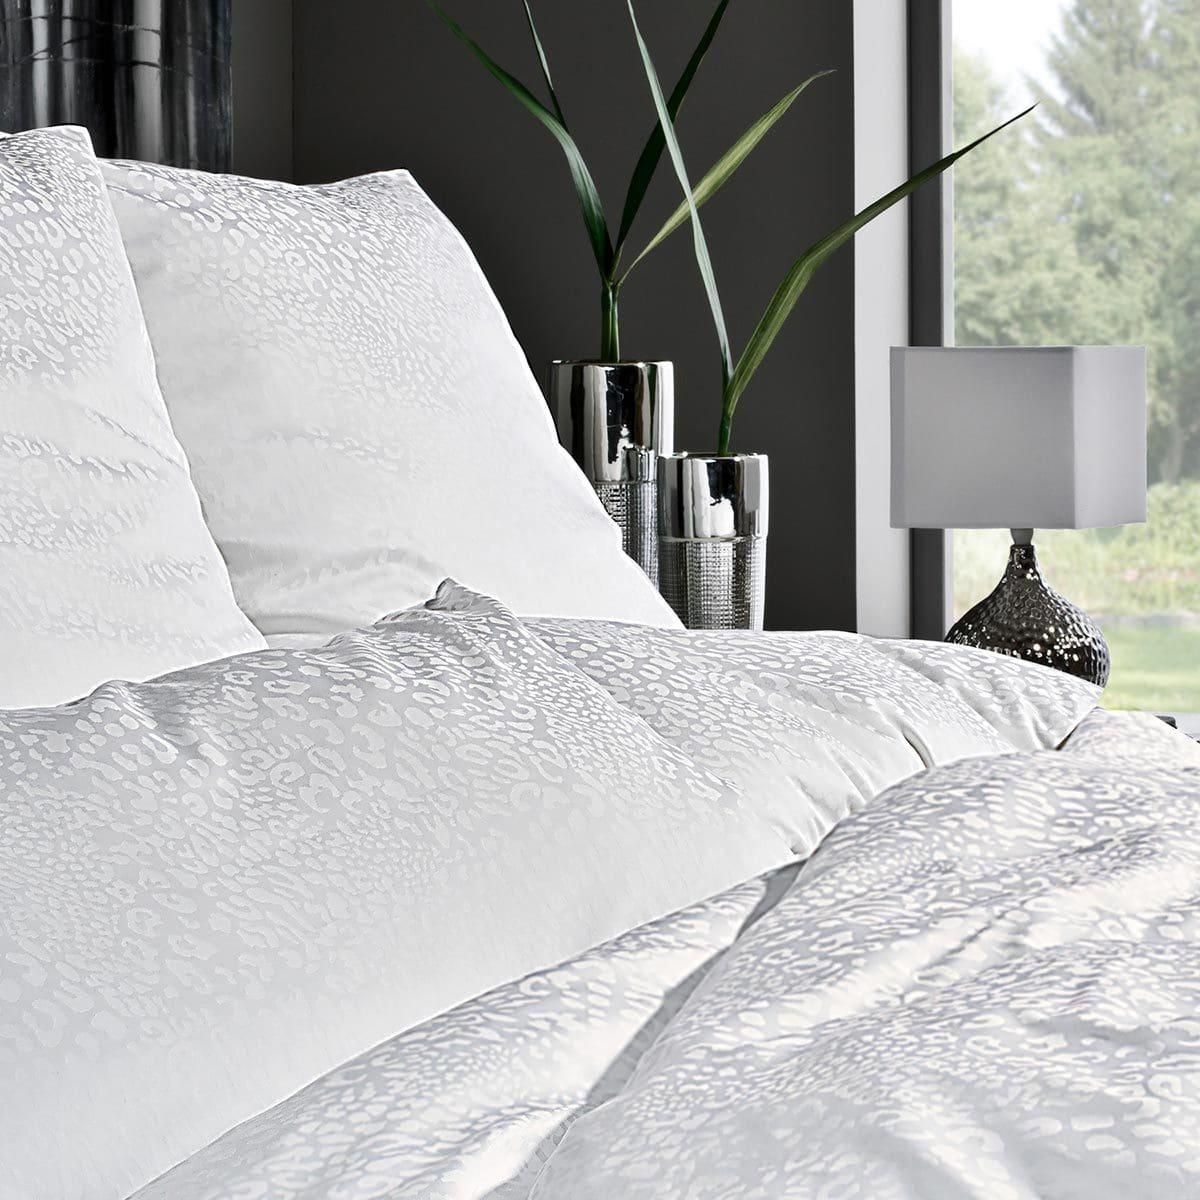 estella damast bettw sche jamal wei g nstig online kaufen bei bettwaren shop. Black Bedroom Furniture Sets. Home Design Ideas